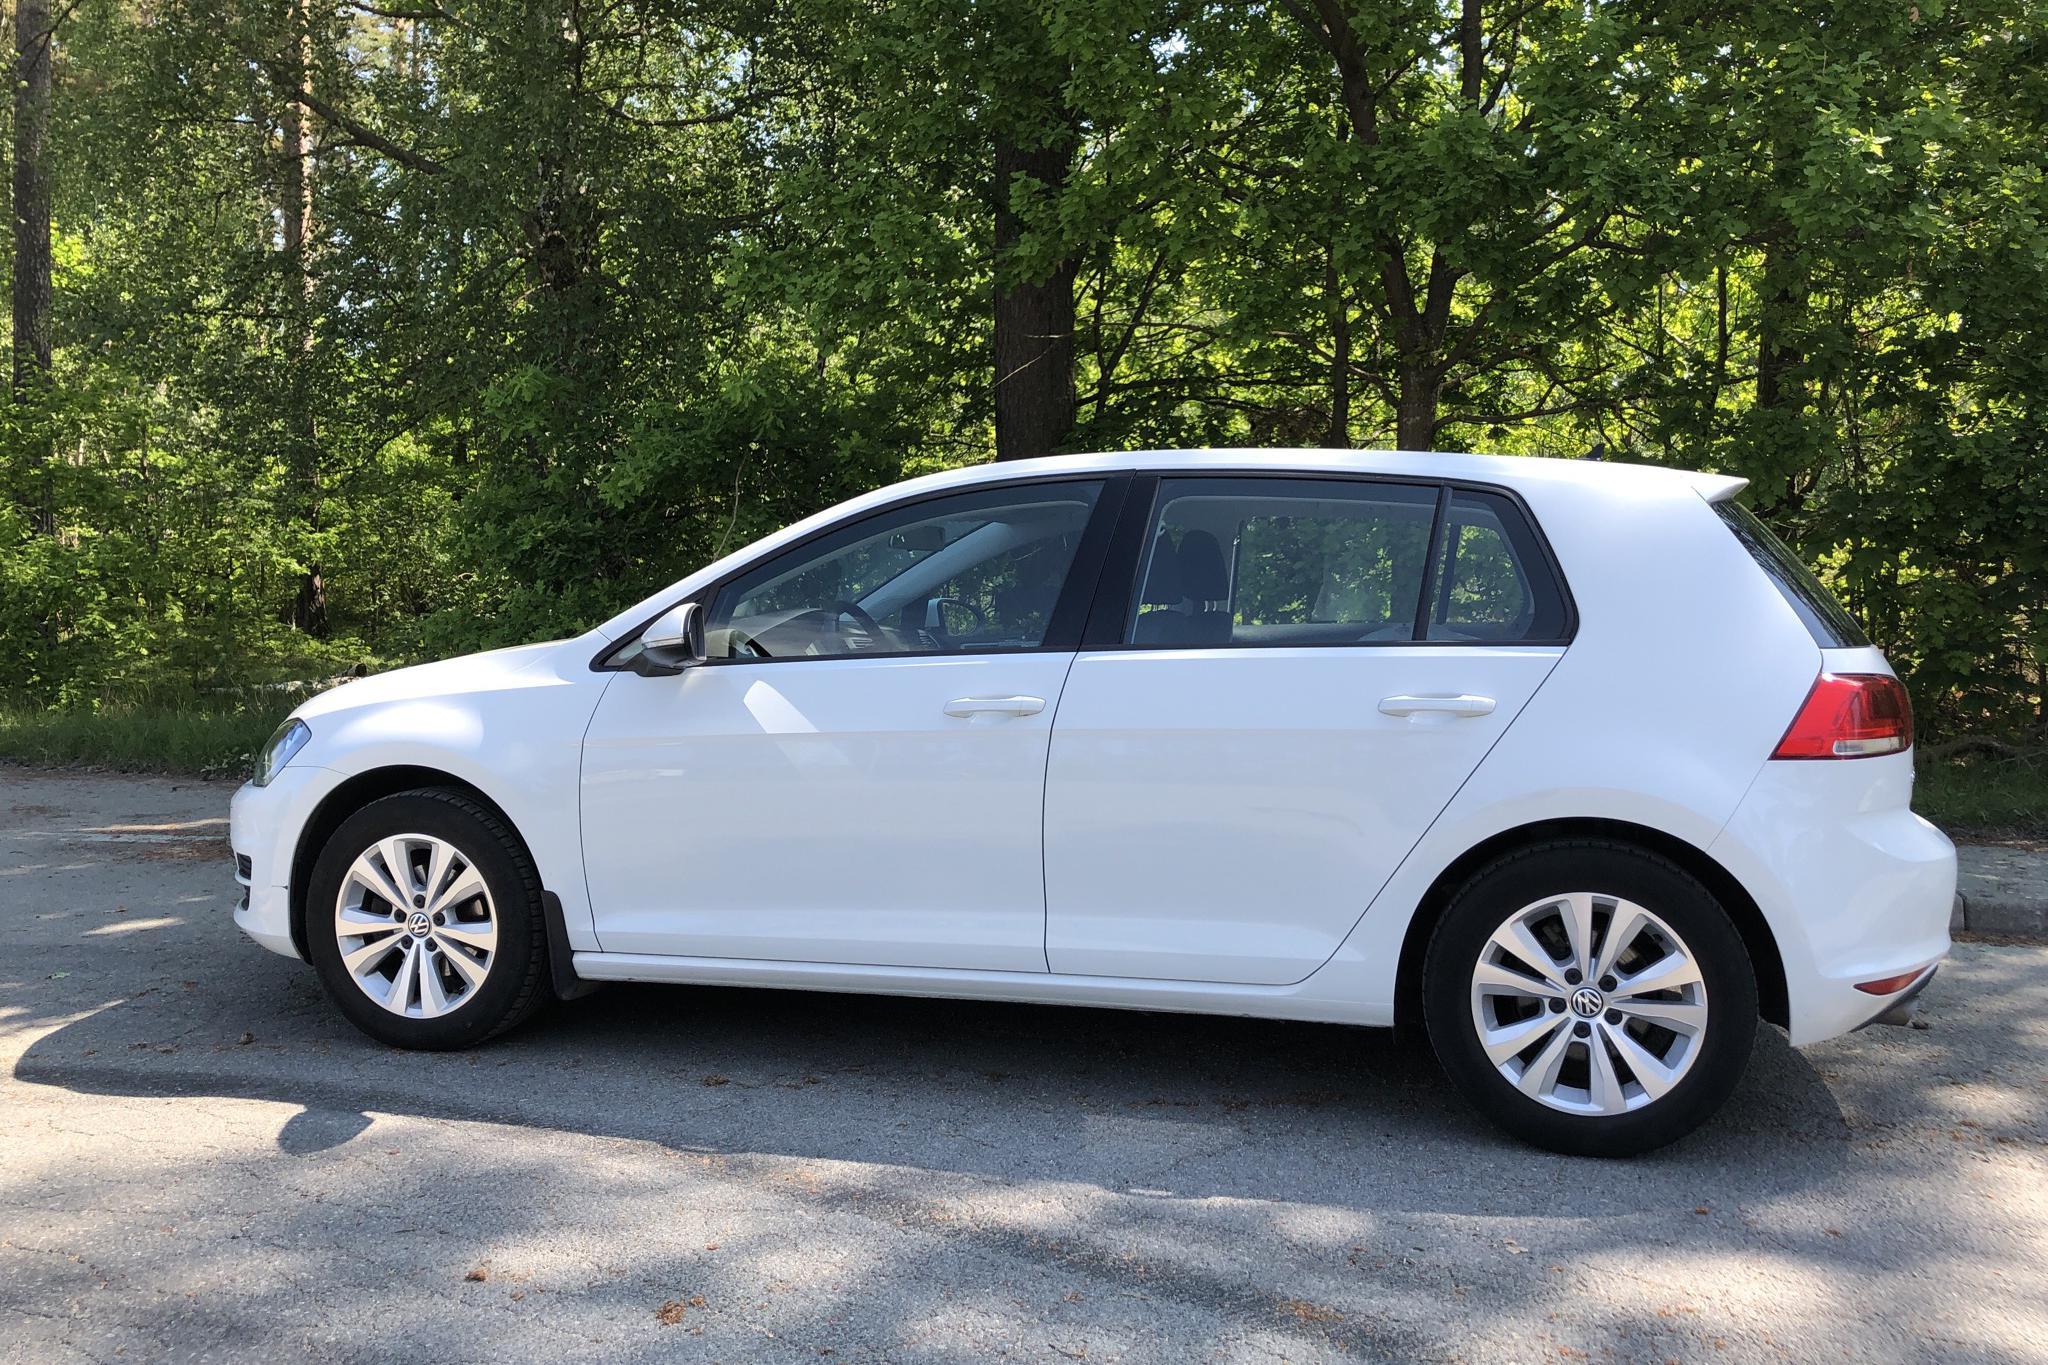 VW Golf VII 1.2 TSI 5dr (110hk) - 65 350 km - Manual - white - 2017